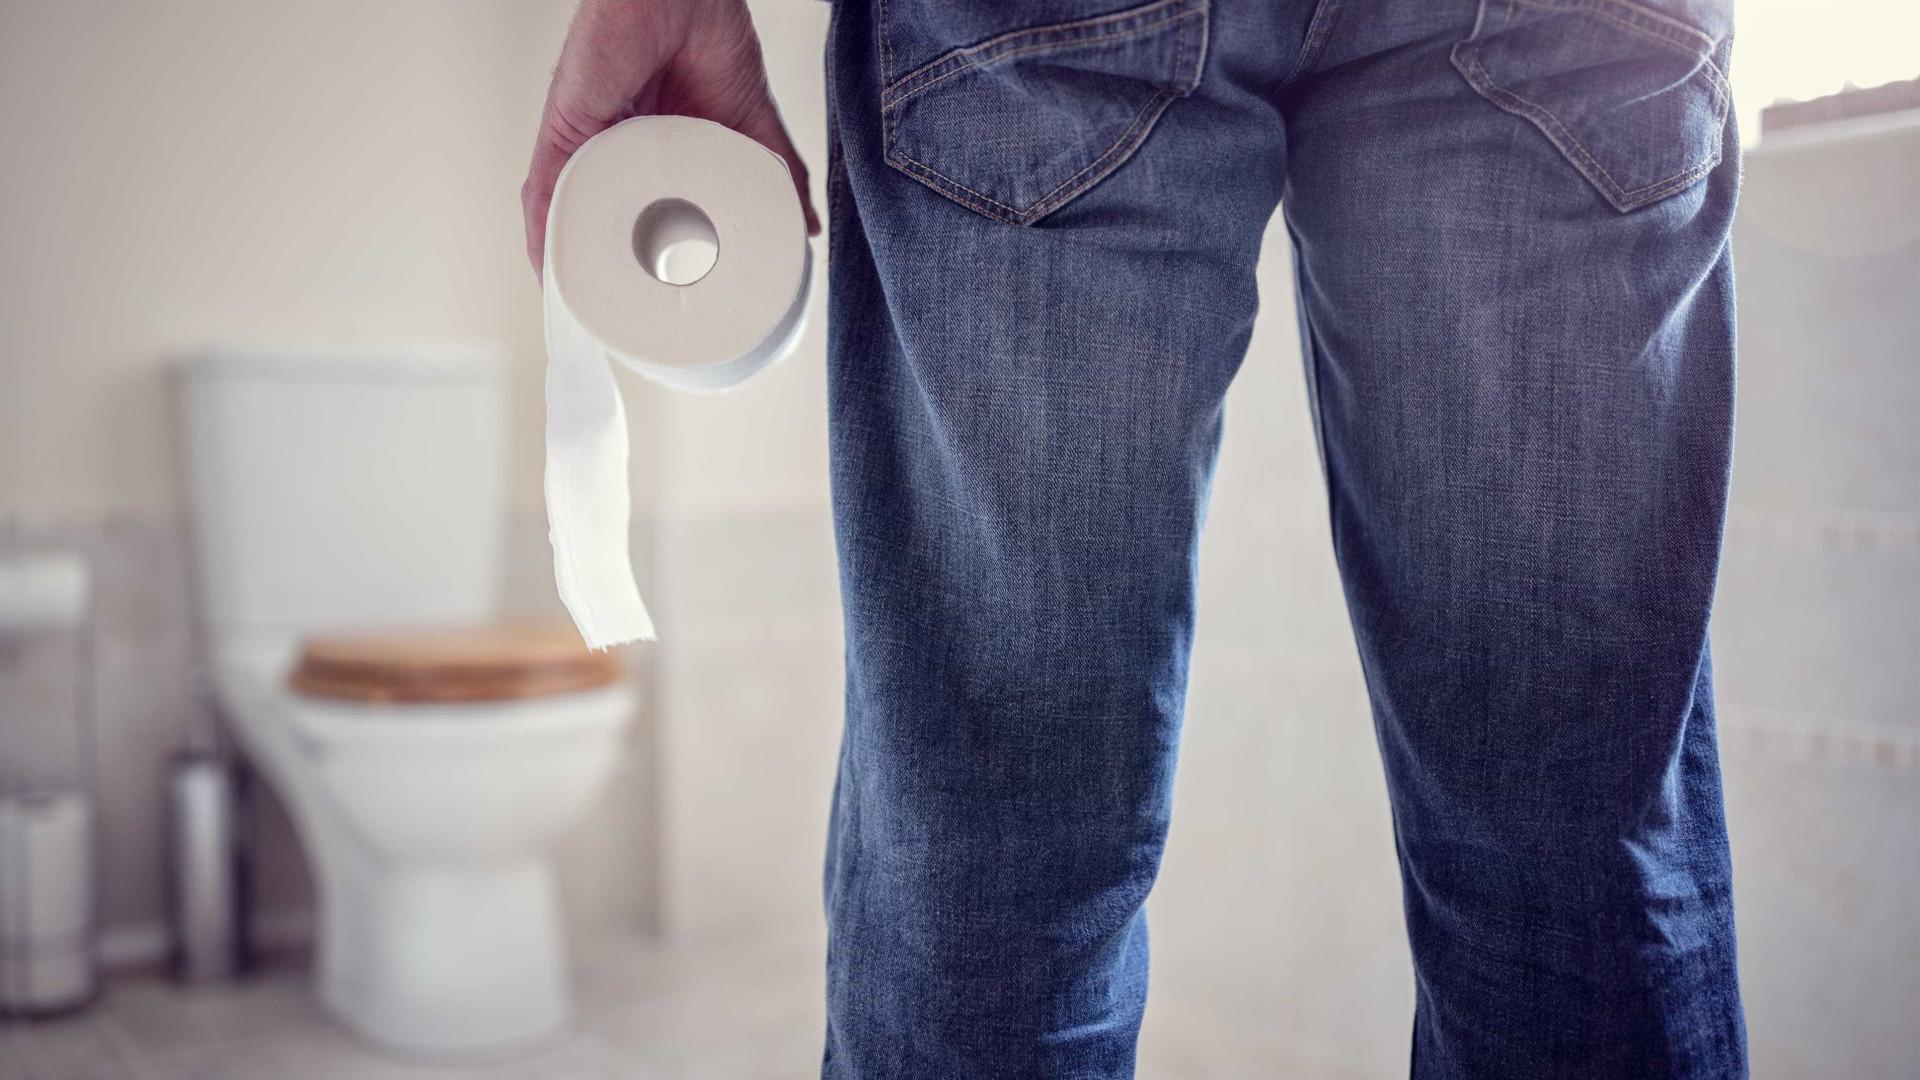 Equipamento visa melhorar limpeza das casas de banho públicas masculinas